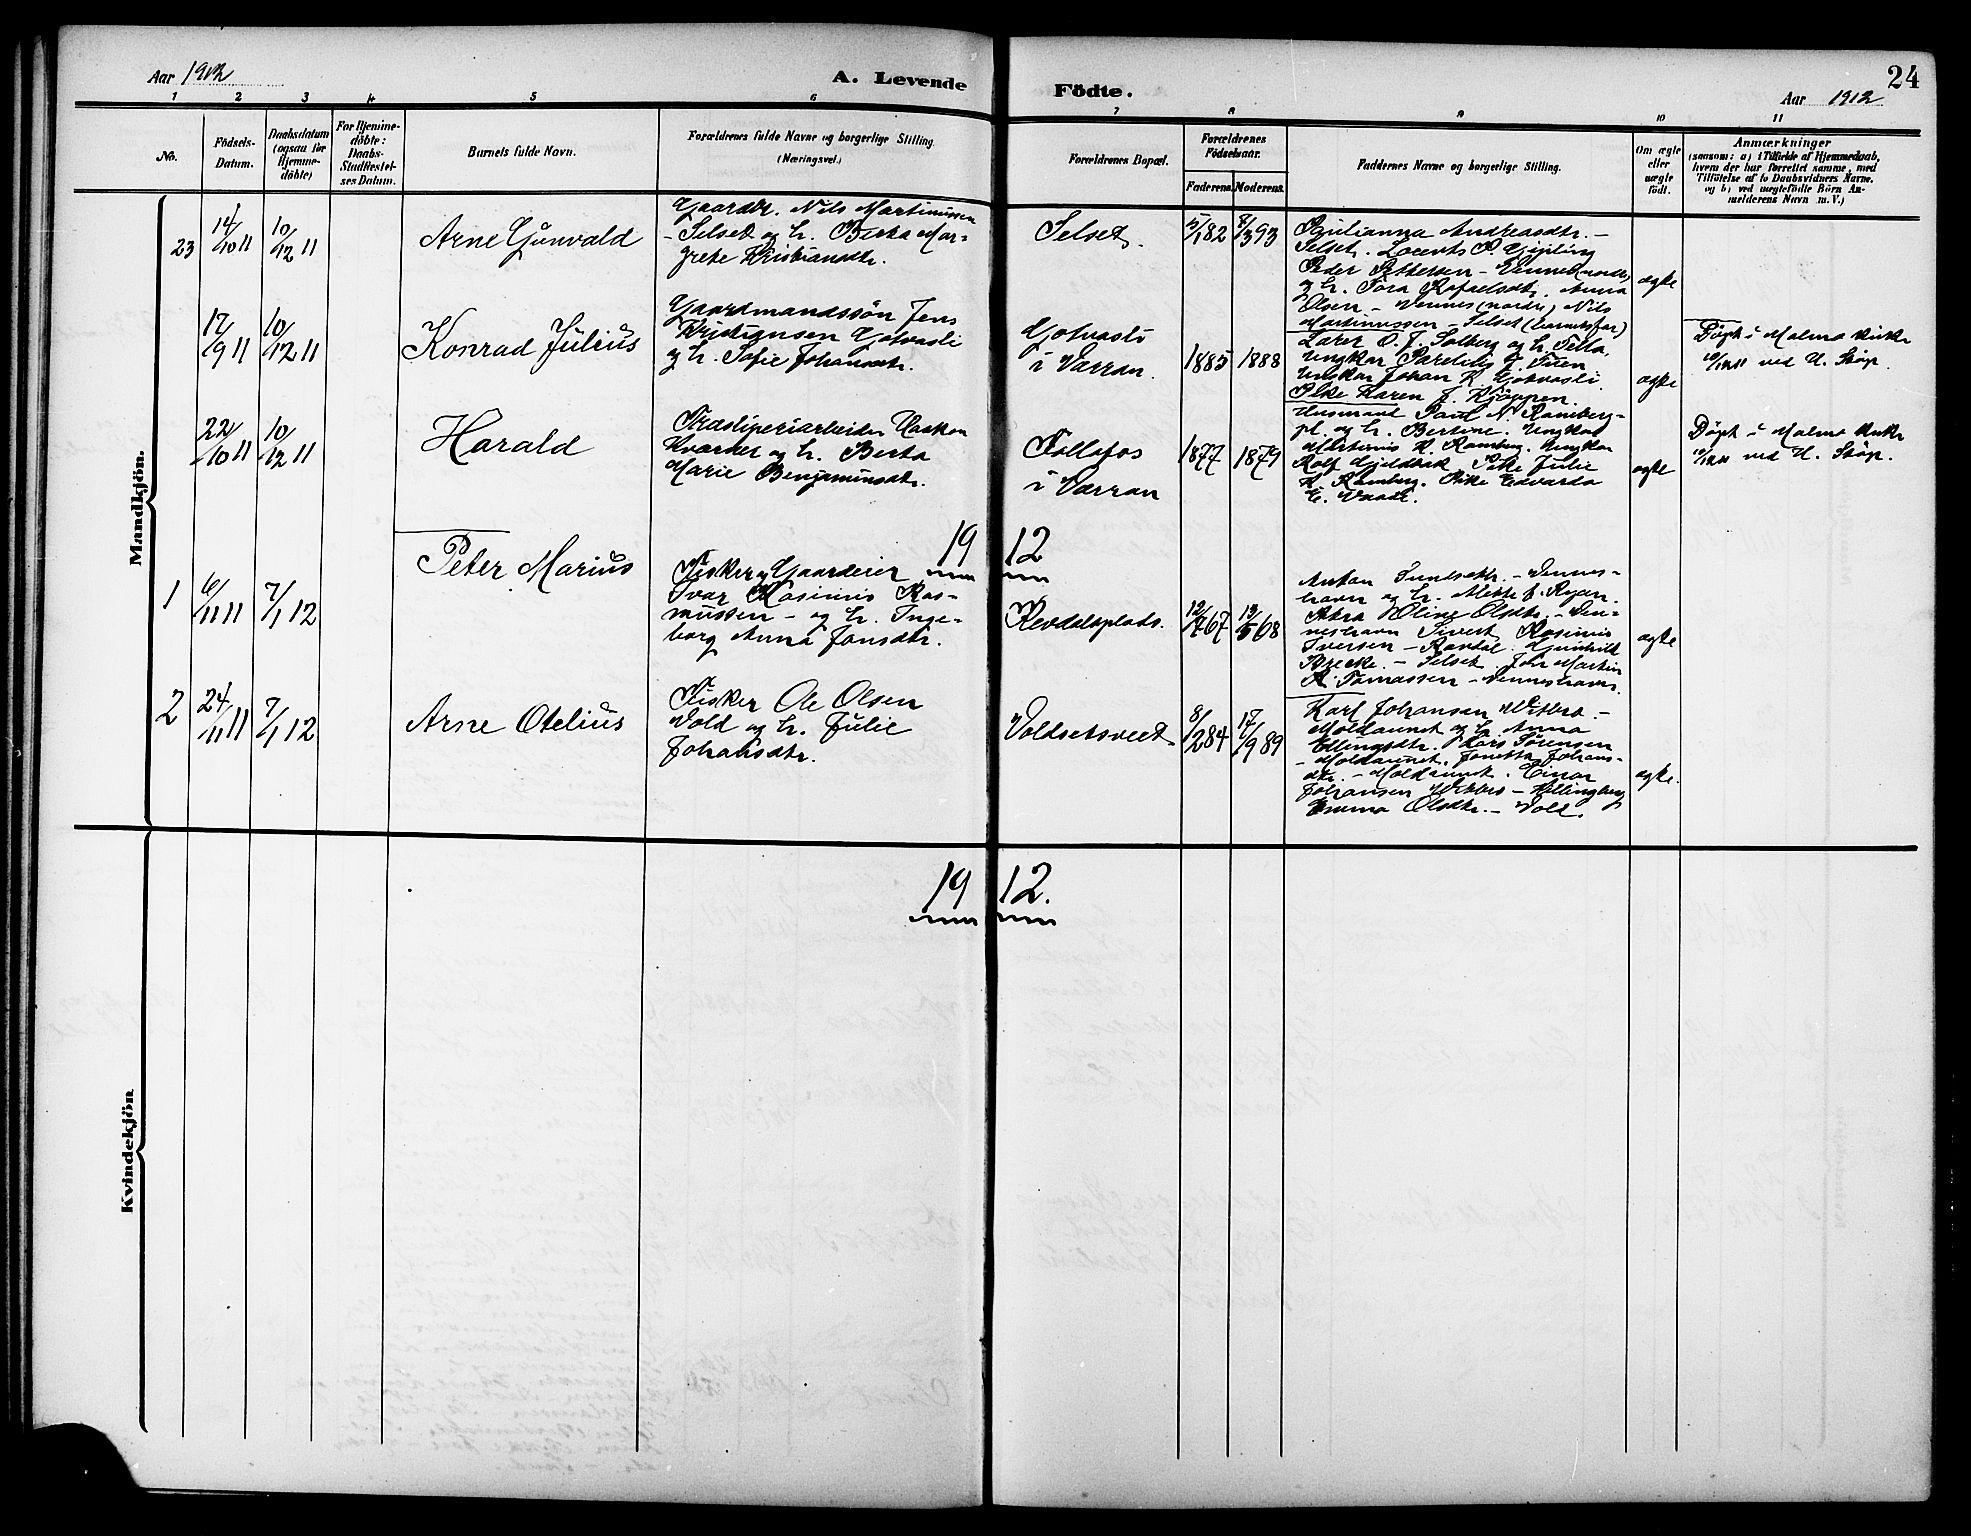 SAT, Ministerialprotokoller, klokkerbøker og fødselsregistre - Nord-Trøndelag, 744/L0424: Klokkerbok nr. 744C03, 1906-1923, s. 24